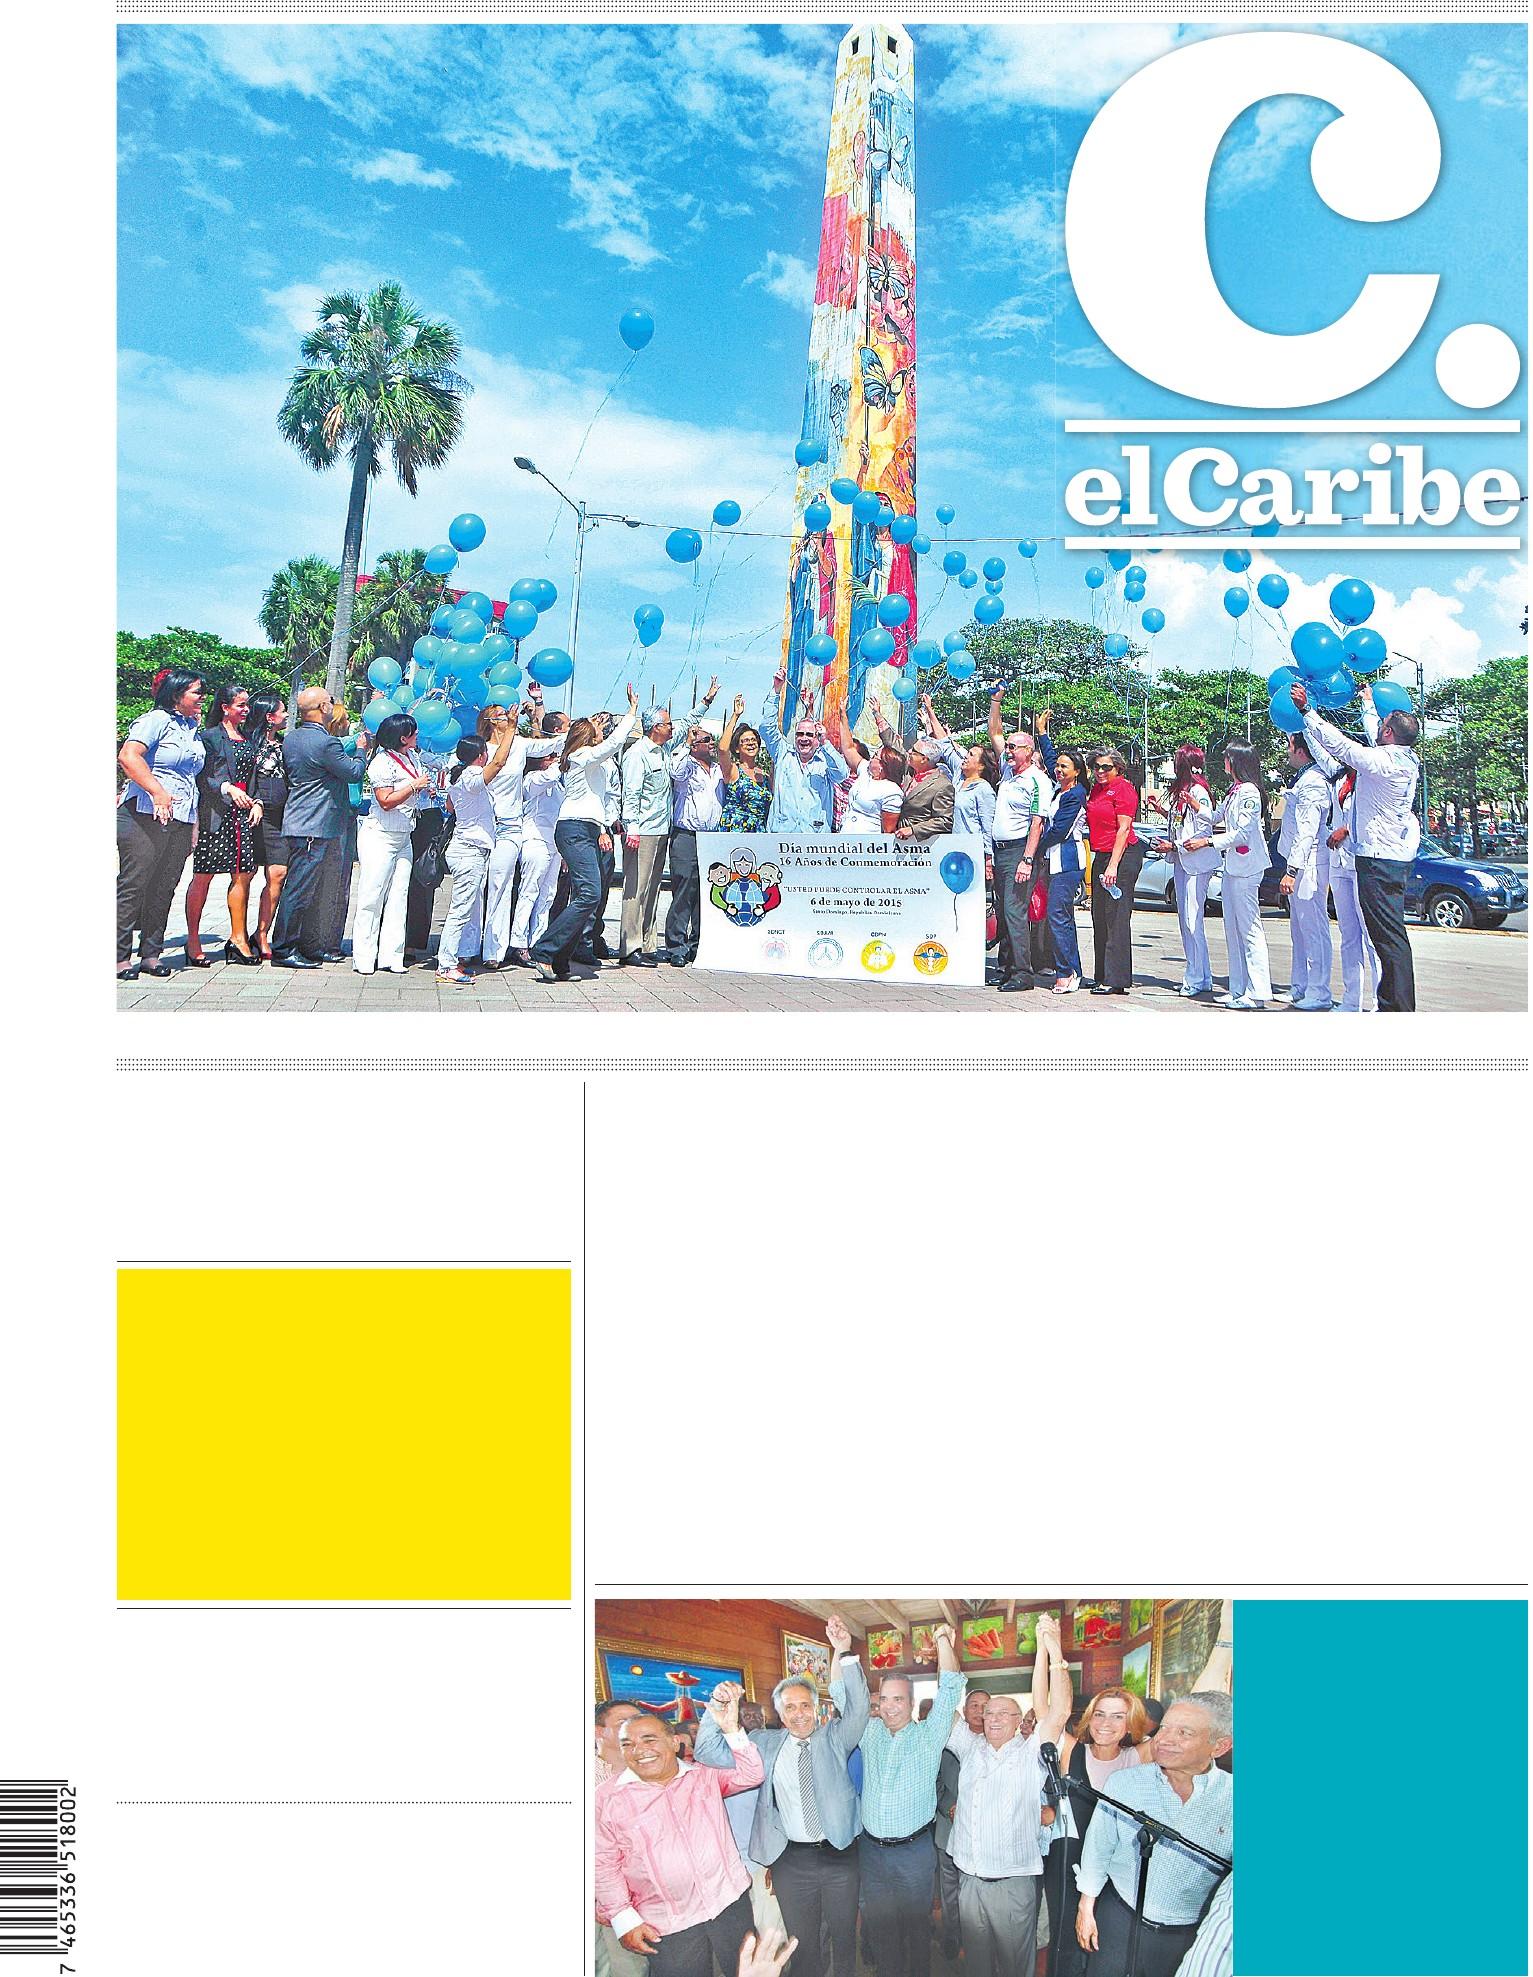 Calendario Cristiano 2020 Actual Elcaribe